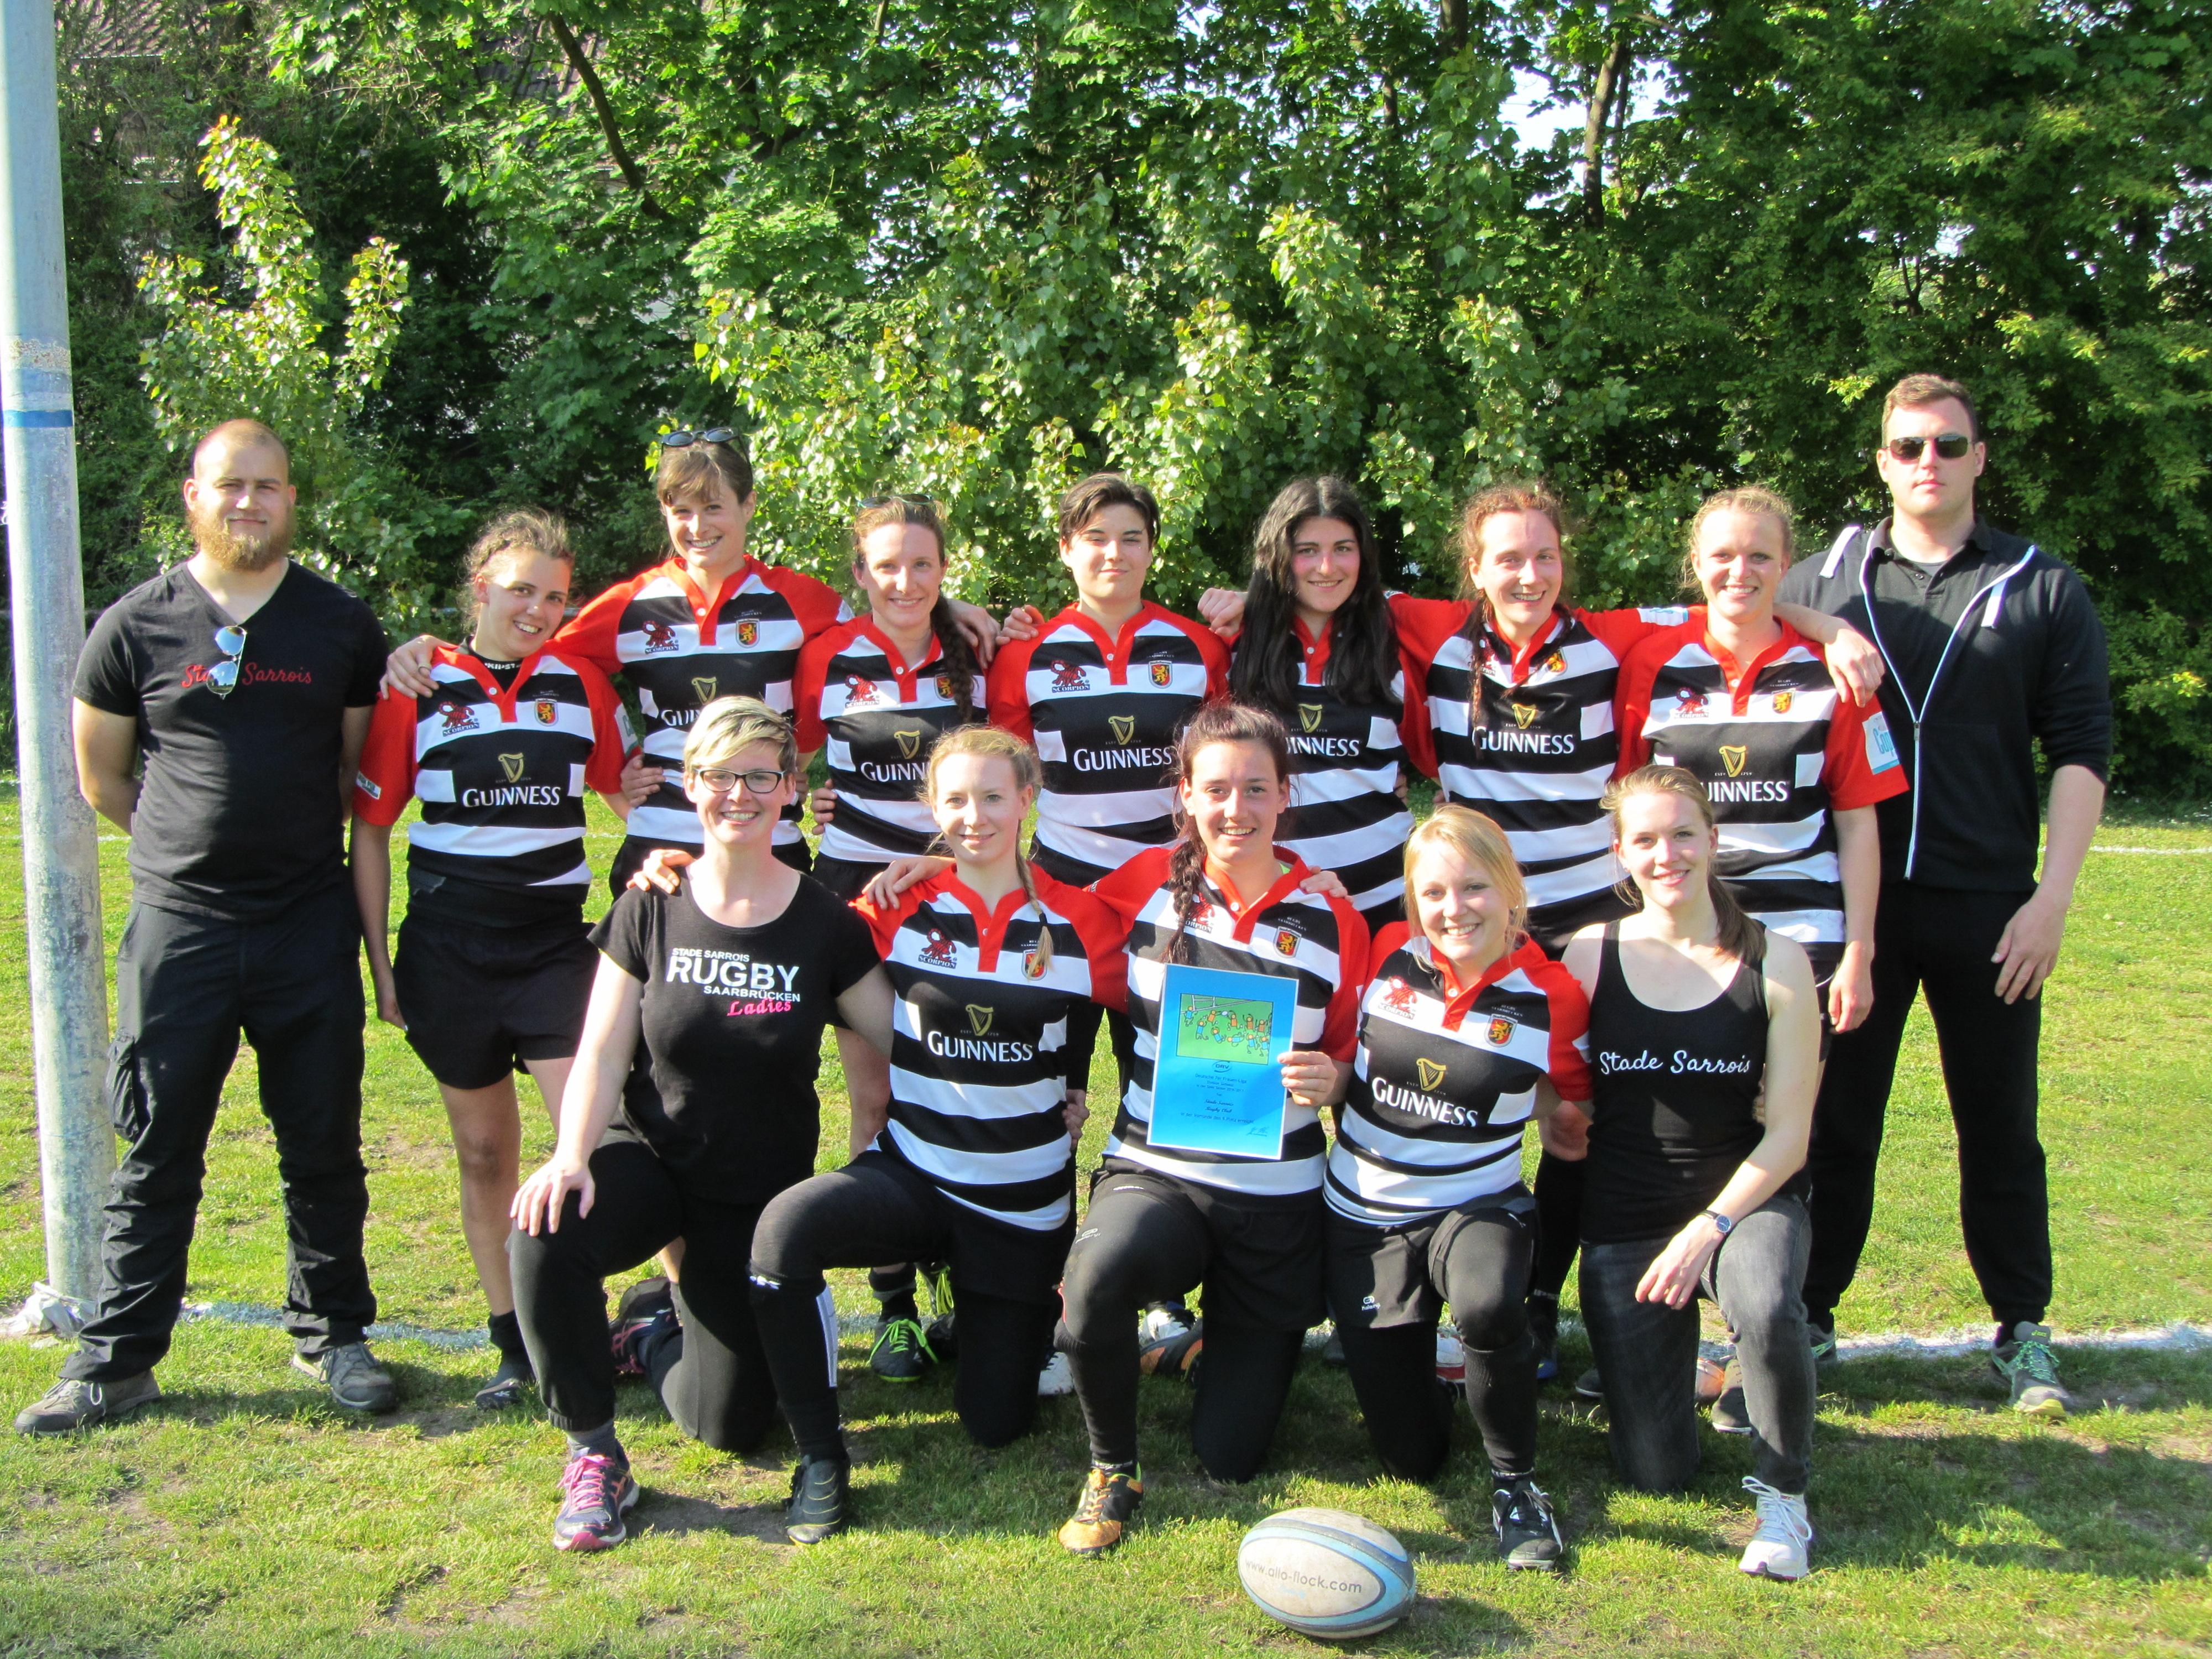 Teamfoto Stade Sarrois Rugby Ladies